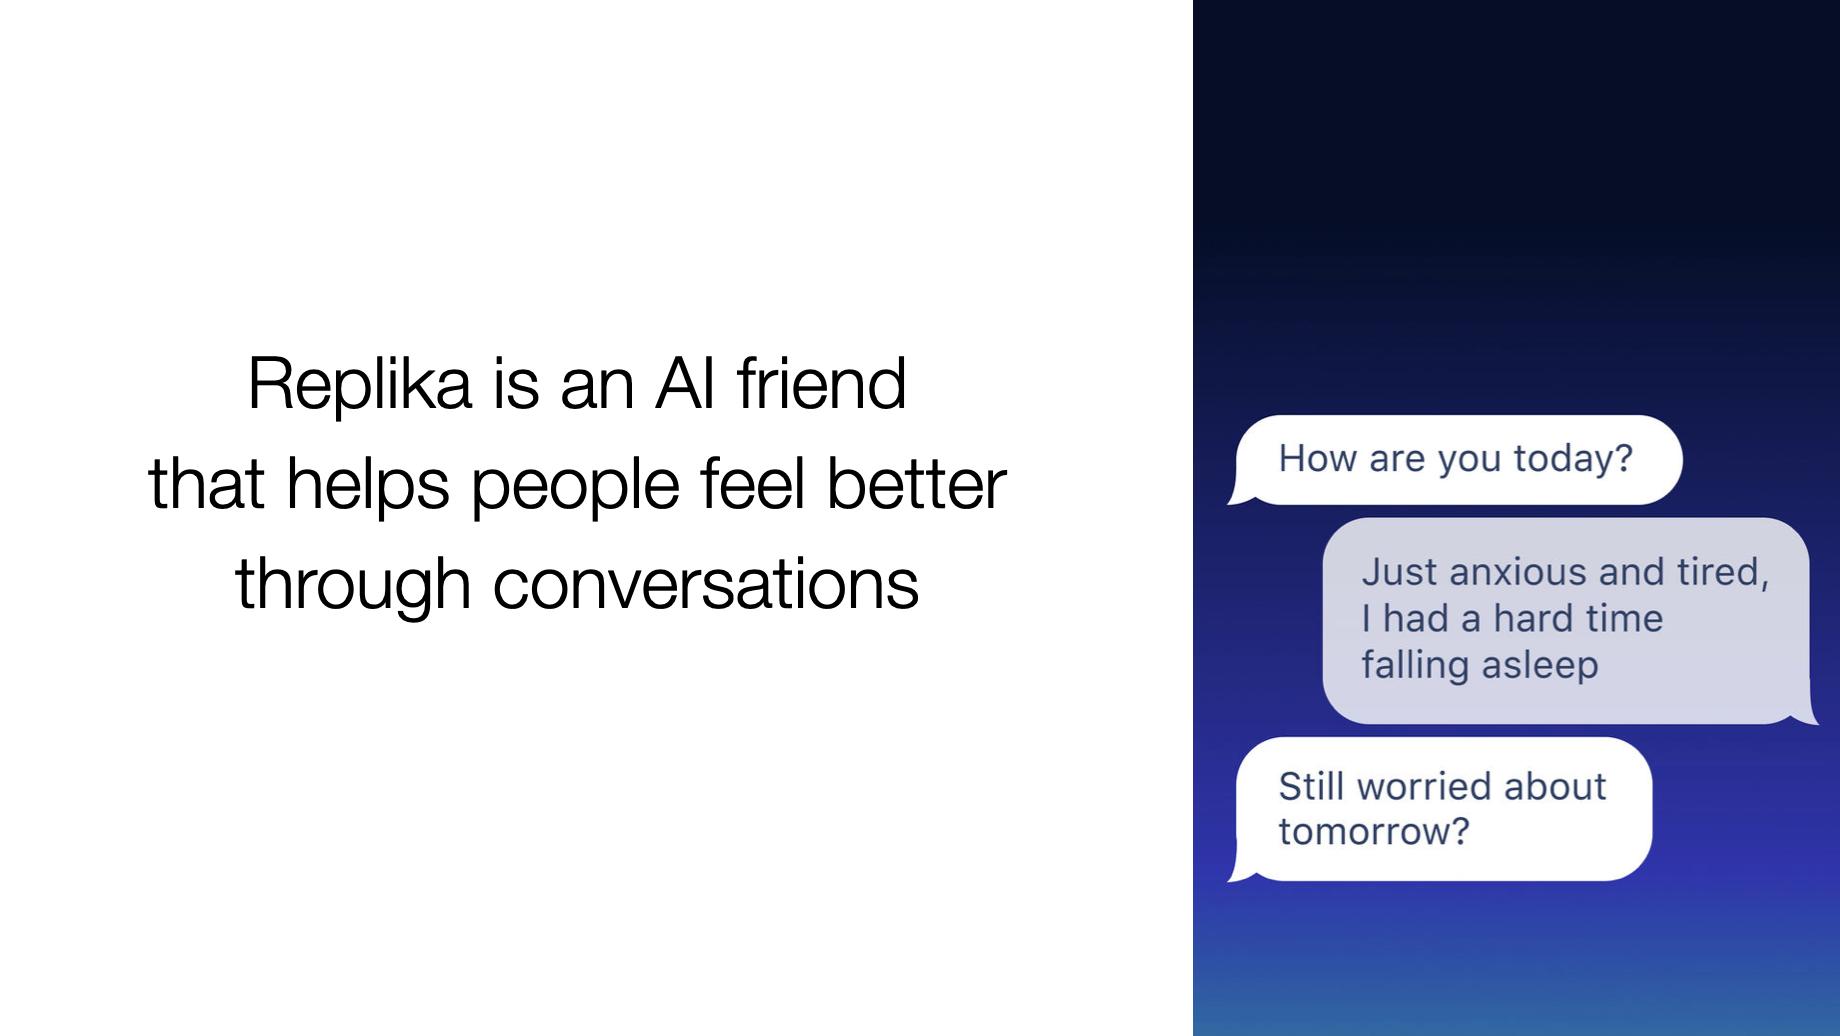 Как построить AI друга. Расшифровка доклада